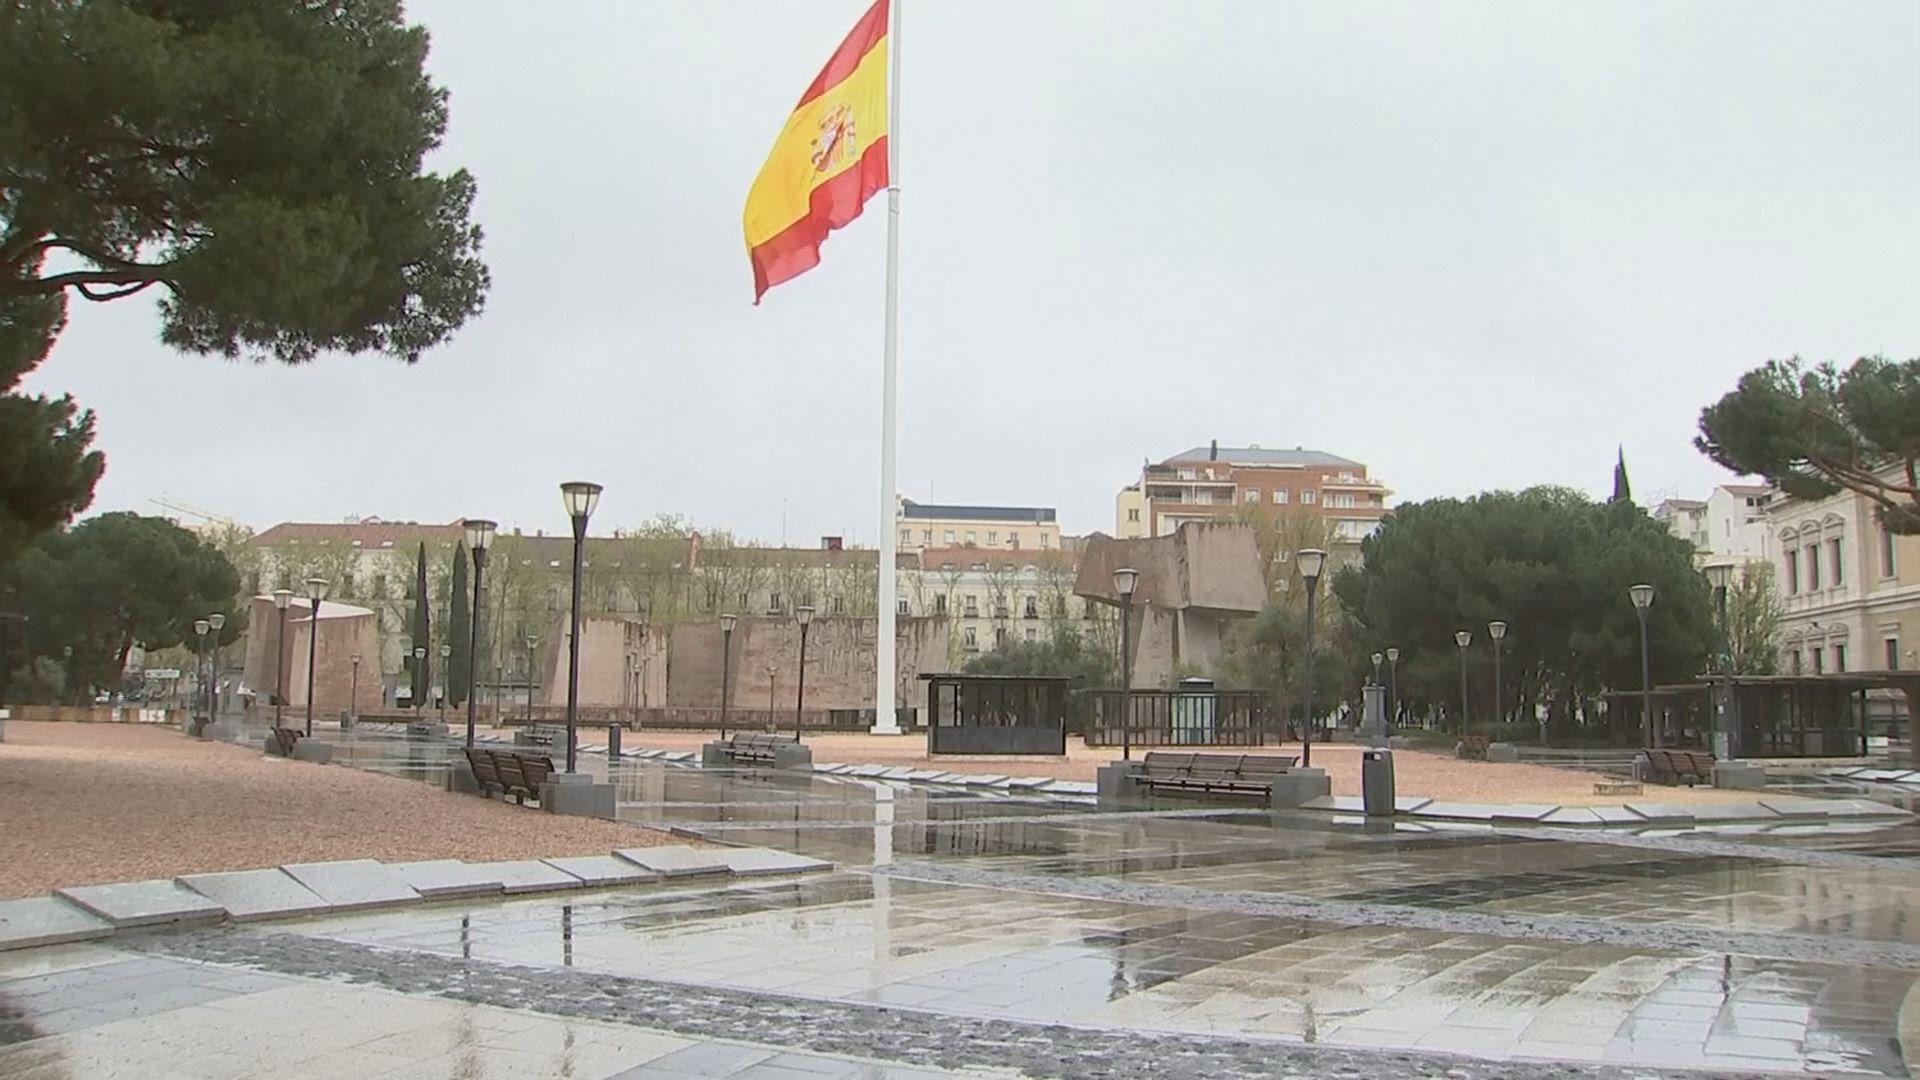 【新型肺炎】西班牙增近八千宗確診 死亡病例超越中國